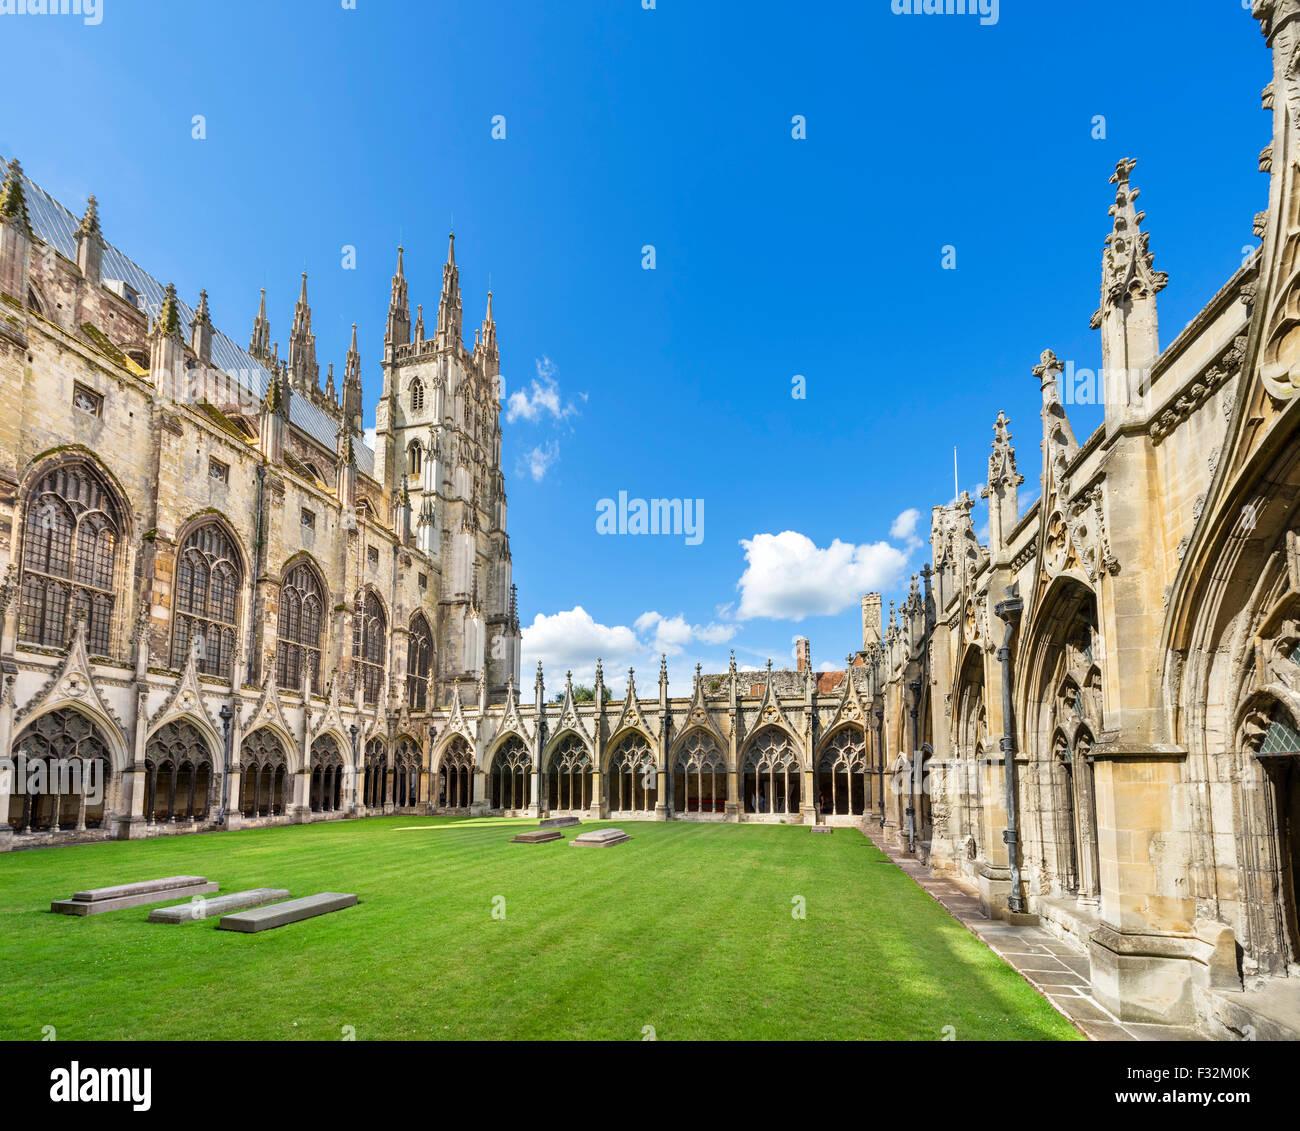 El claustro, la Catedral de Canterbury, Canterbury, Kent, Inglaterra, Reino Unido. Imagen De Stock